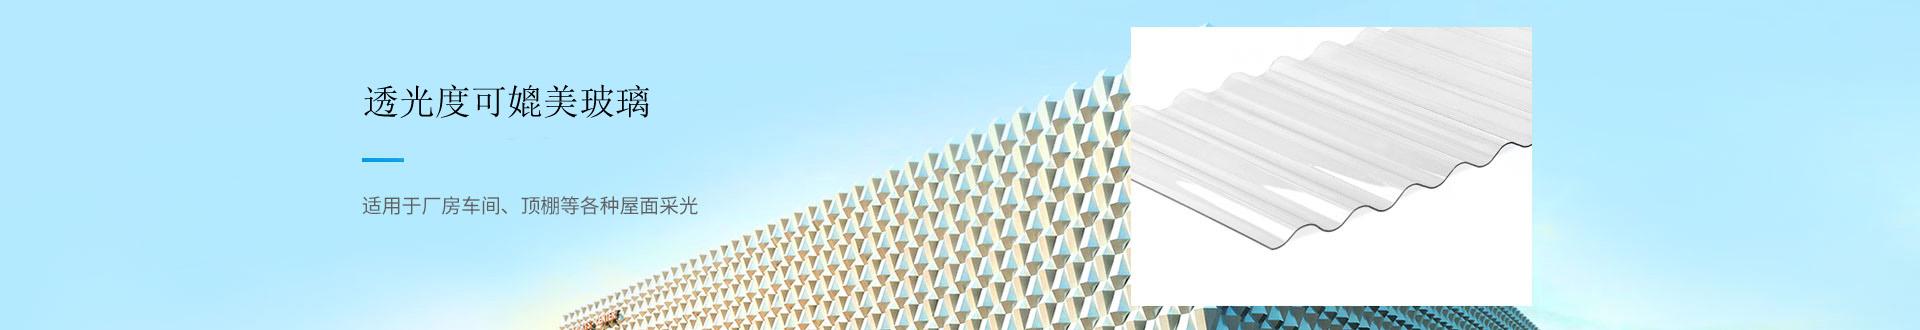 欣海阳光板PC瓦透光率可达92%